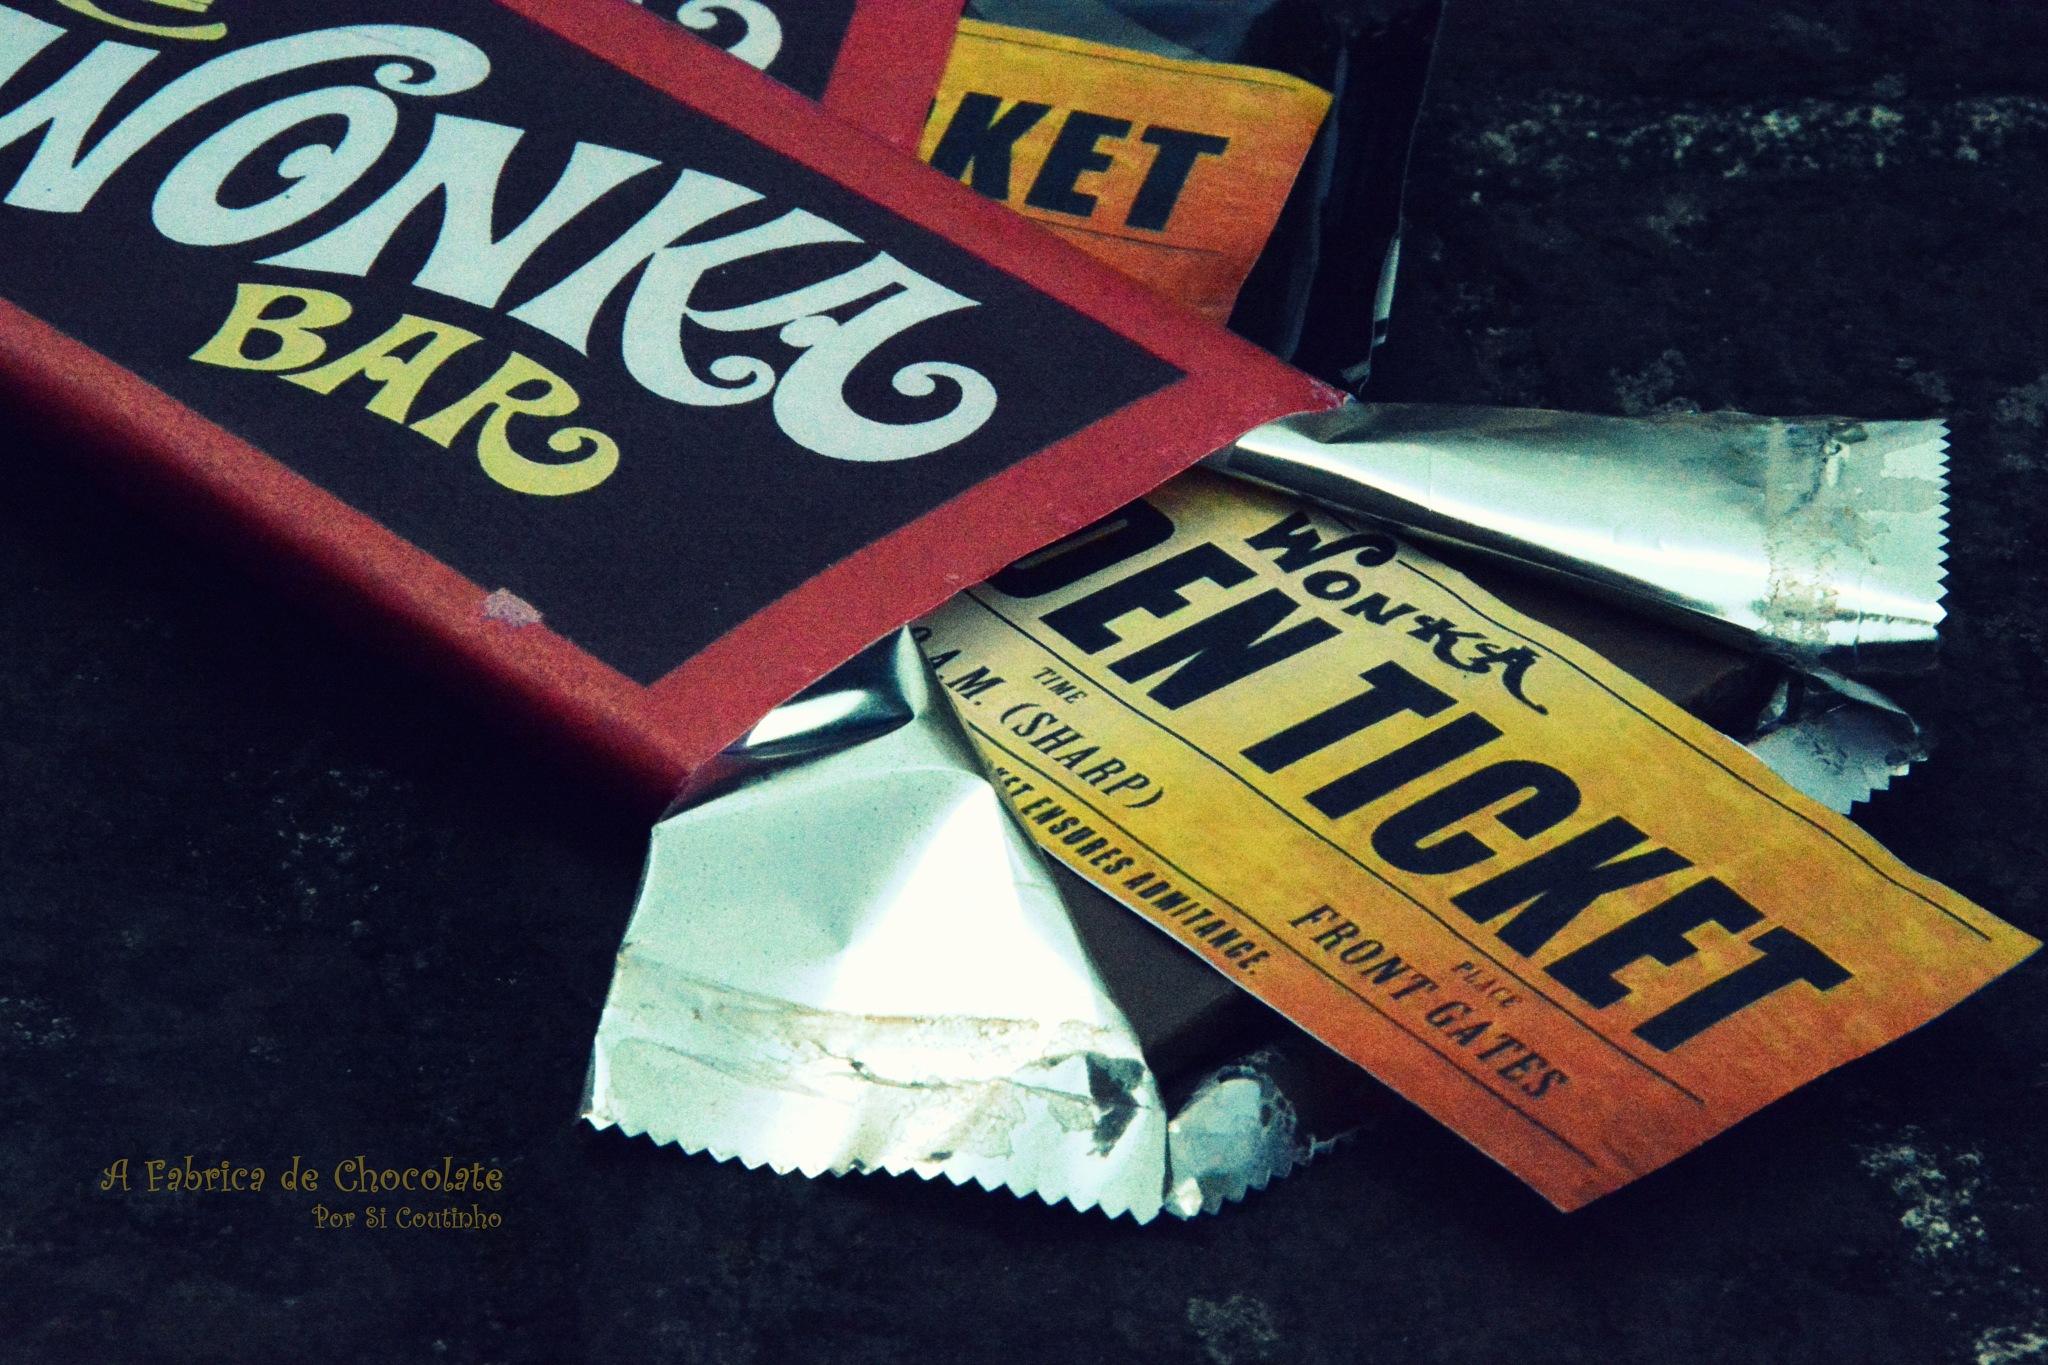 A fantástica Fabrica de chocolates by sicoutinhofotografia